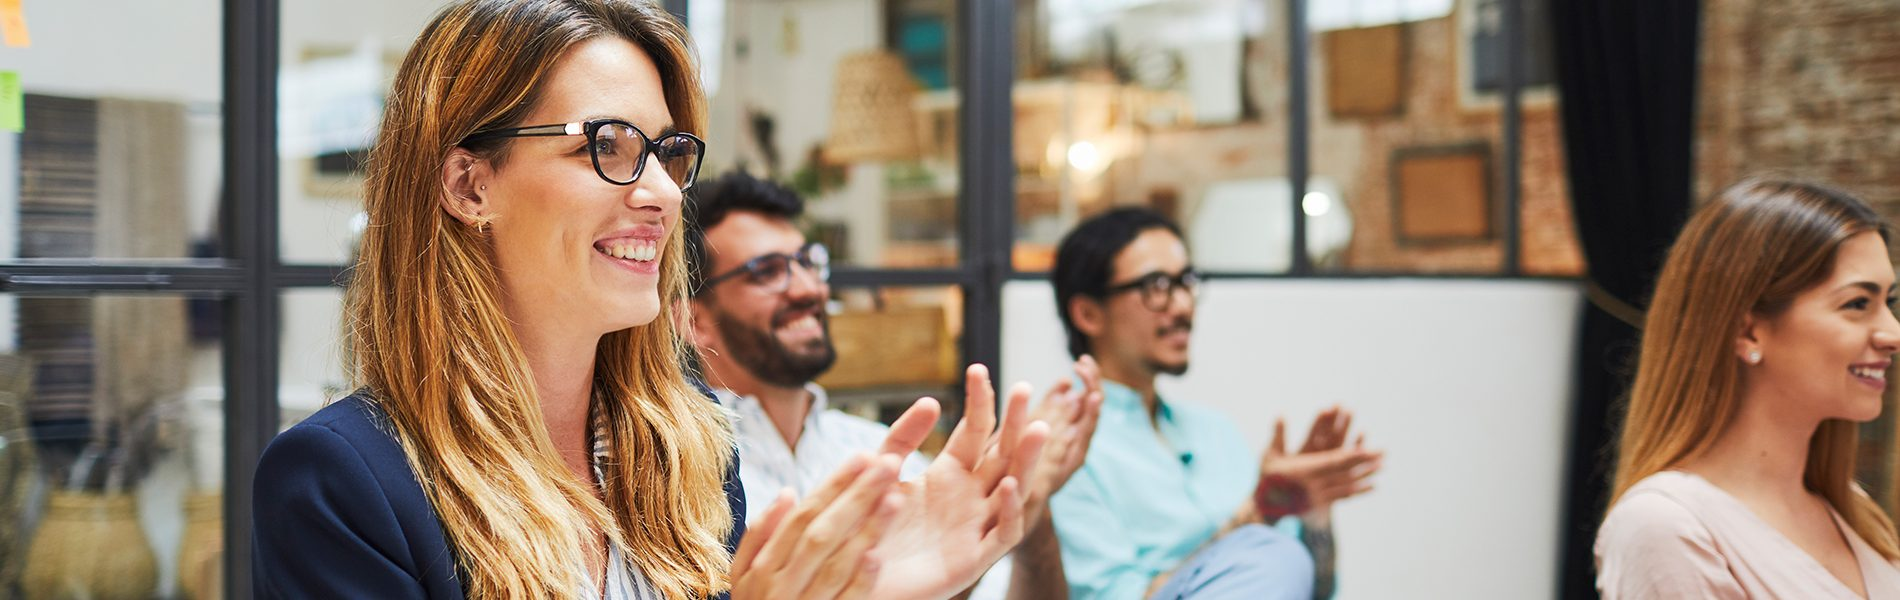 ideiak-bizirik-comunidad-emprendizaje